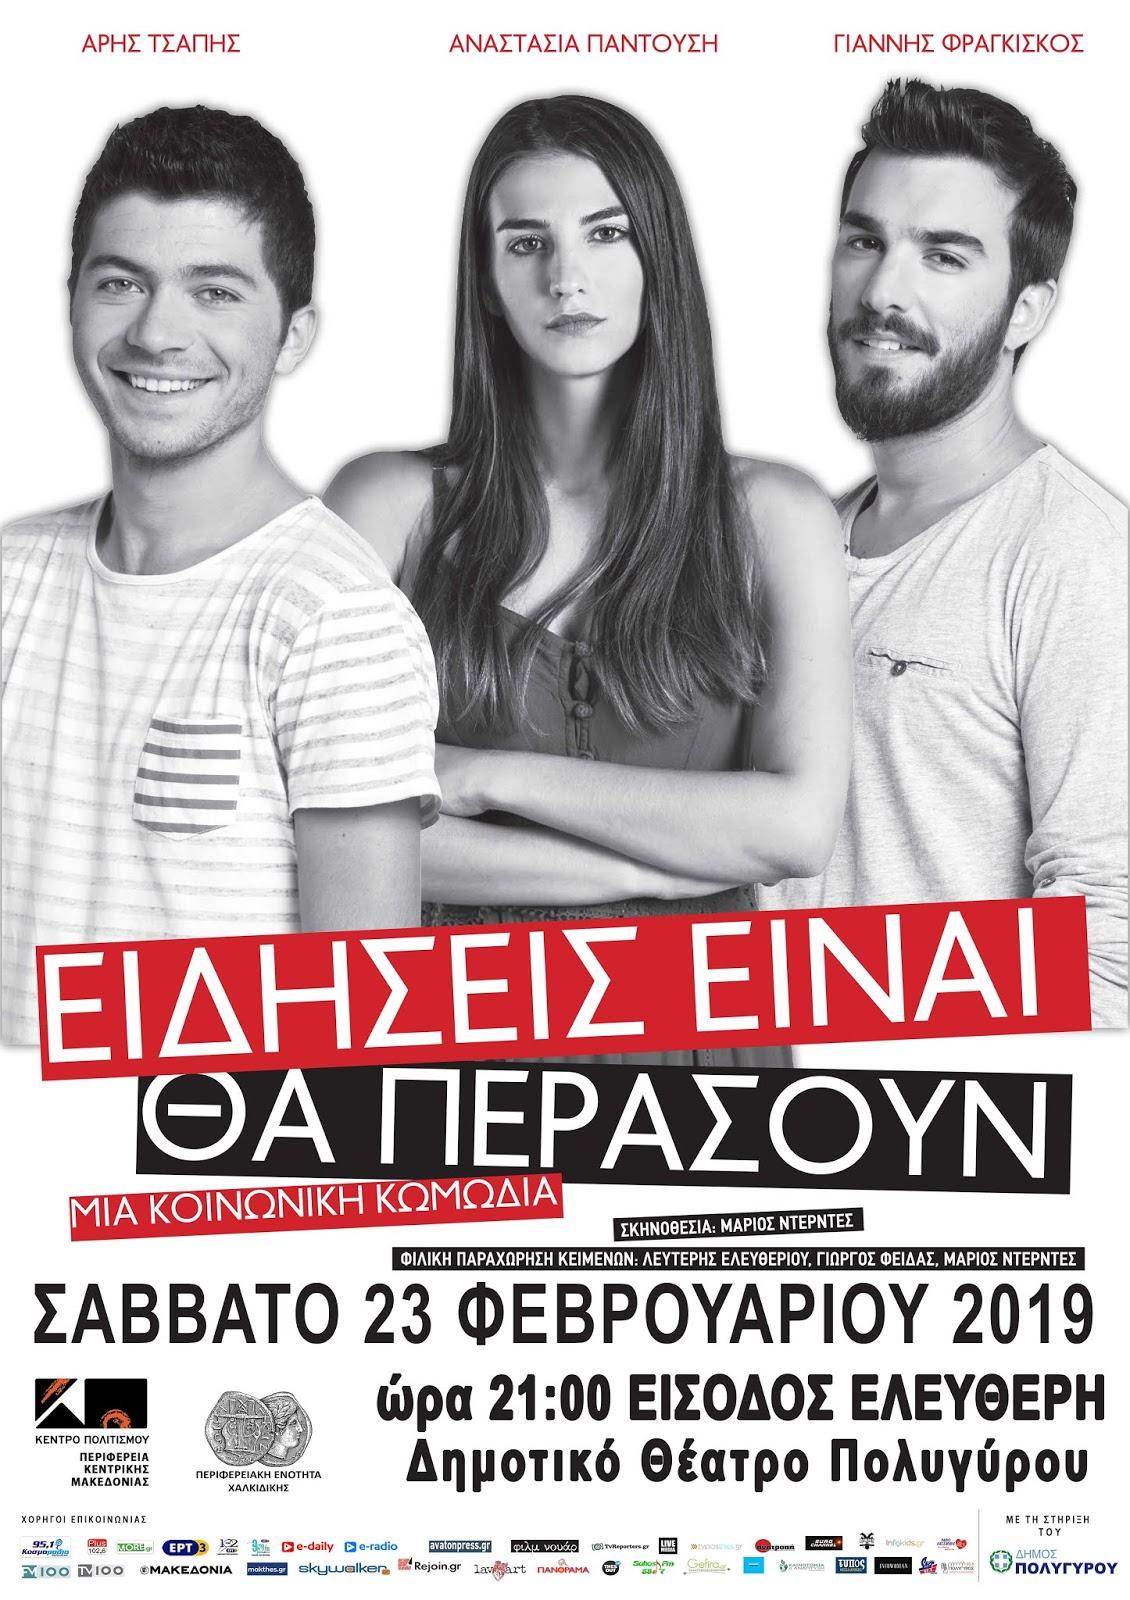 Η κωμωδία «Ειδήσεις είναι... θα περάσουν» στο Δημοτικό Θέατρο Πολυγύρου